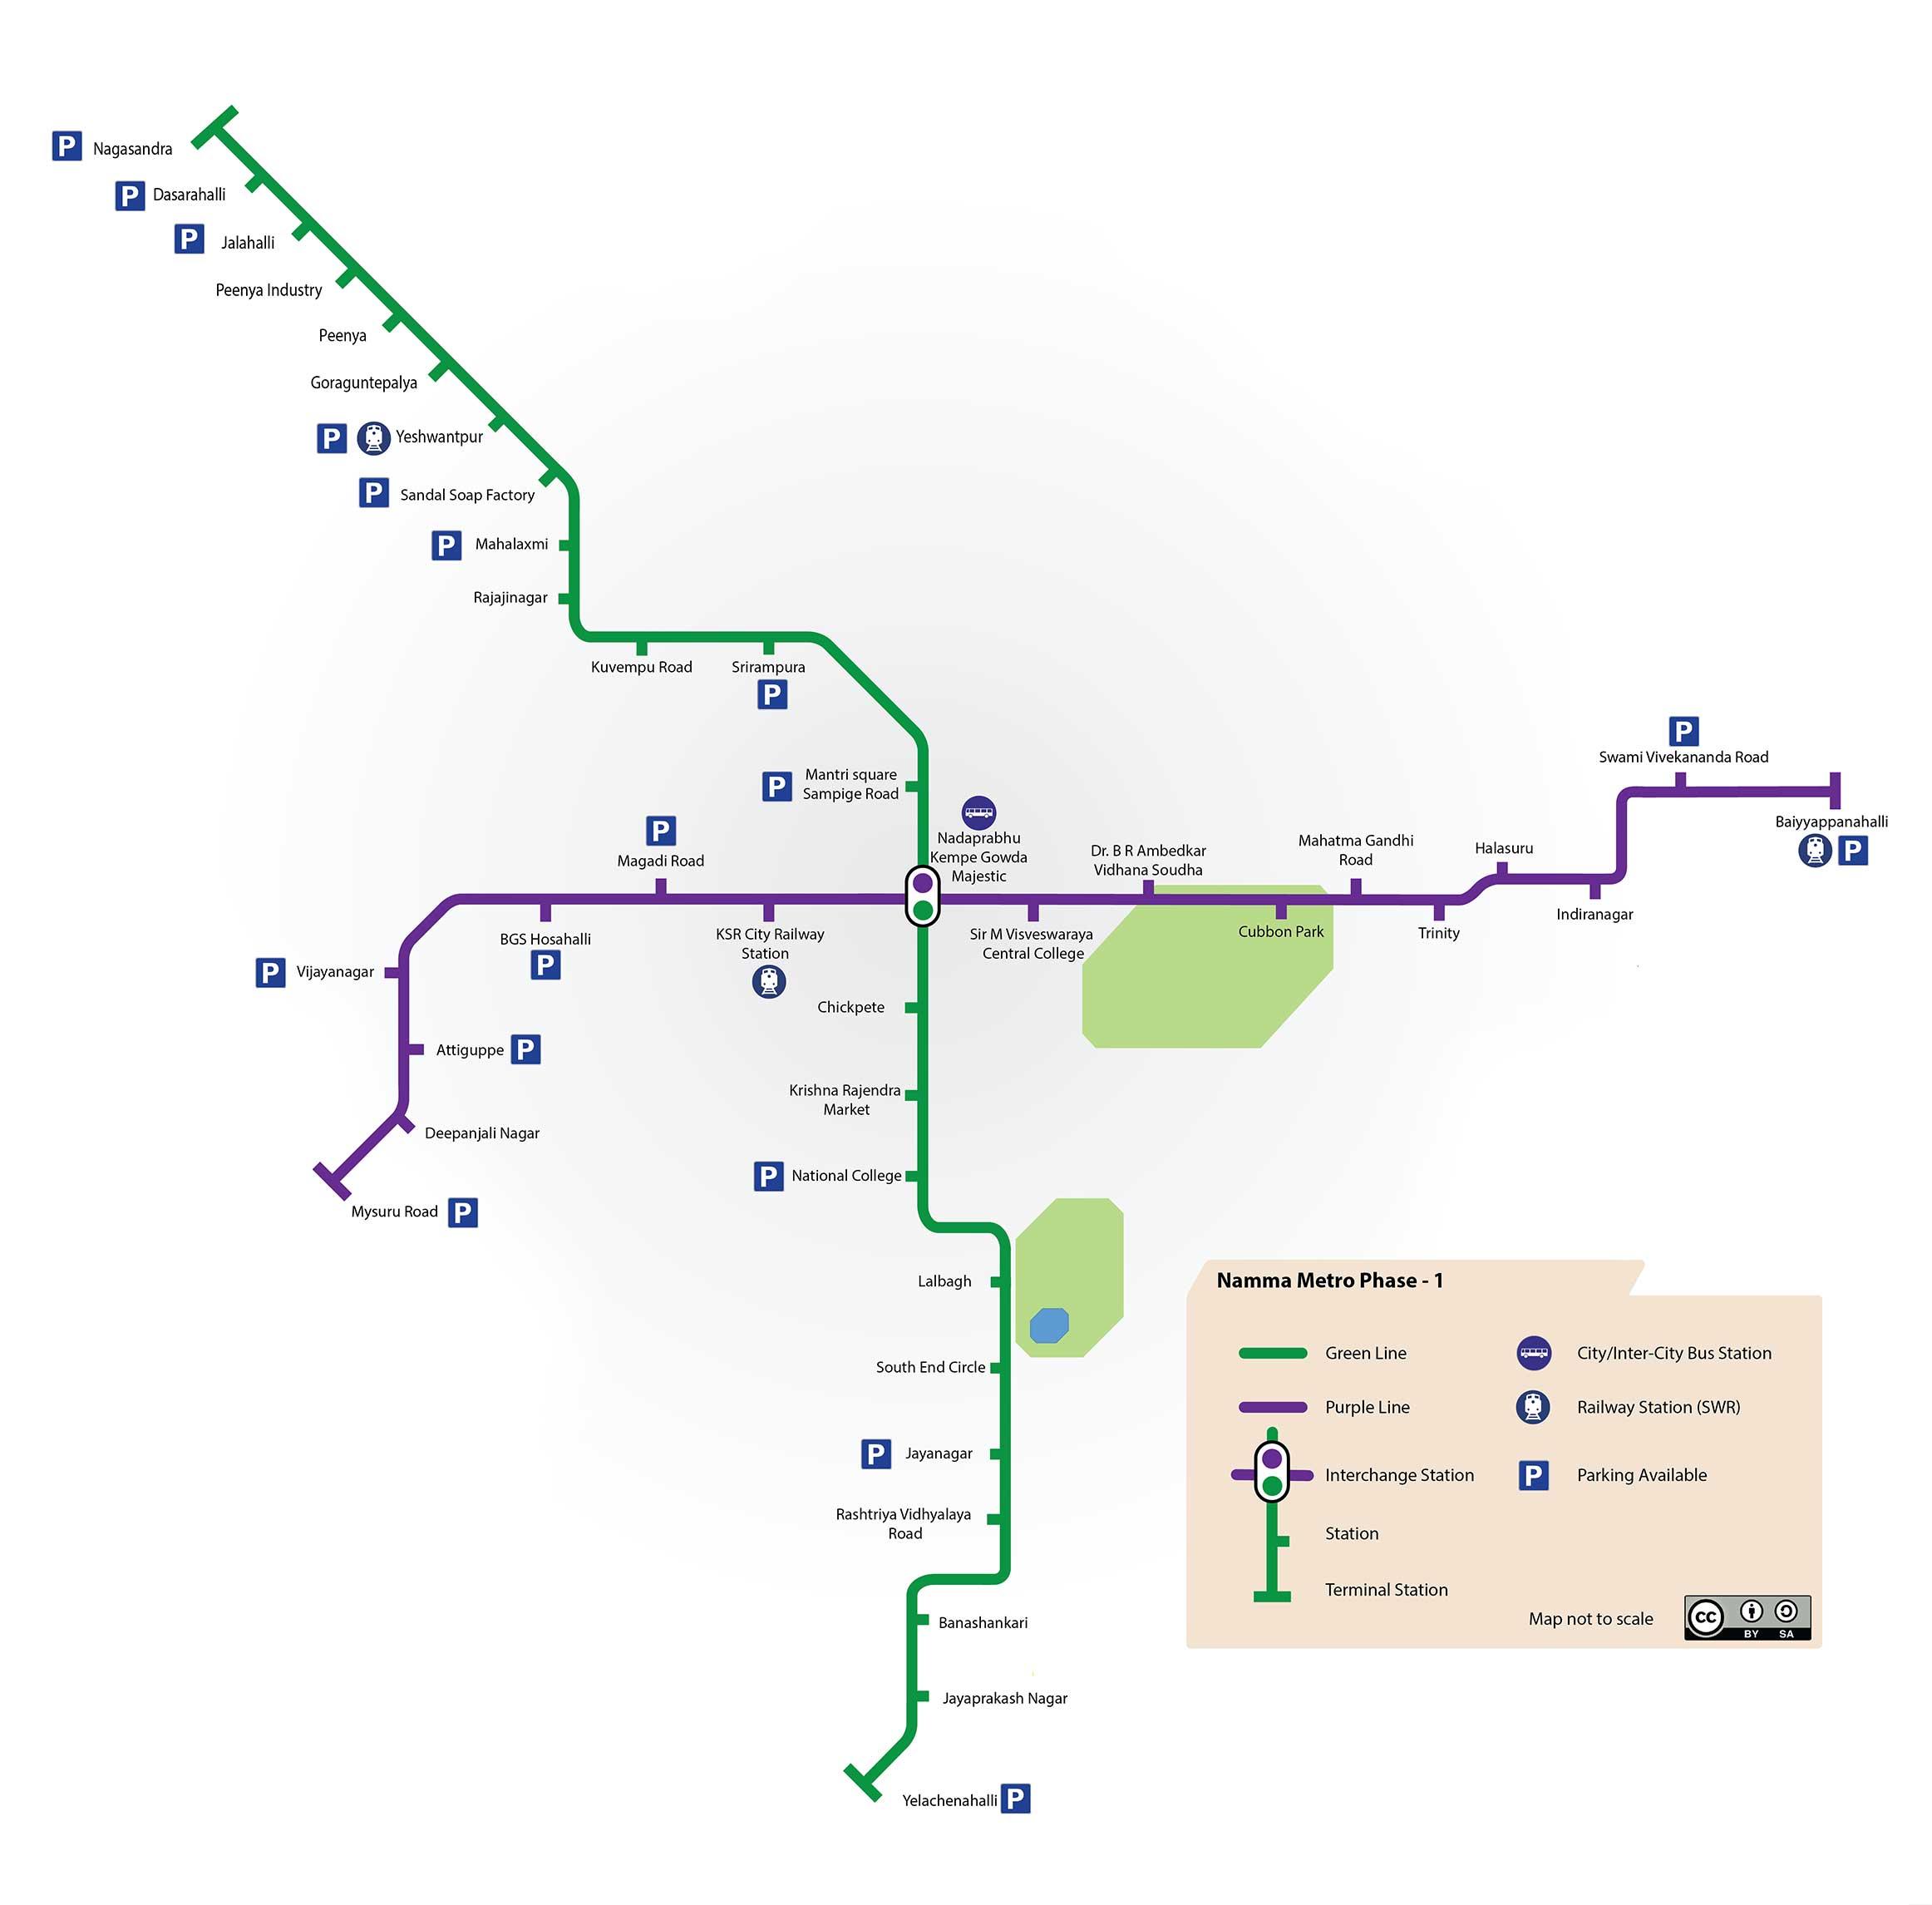 Bangalore Metro Map